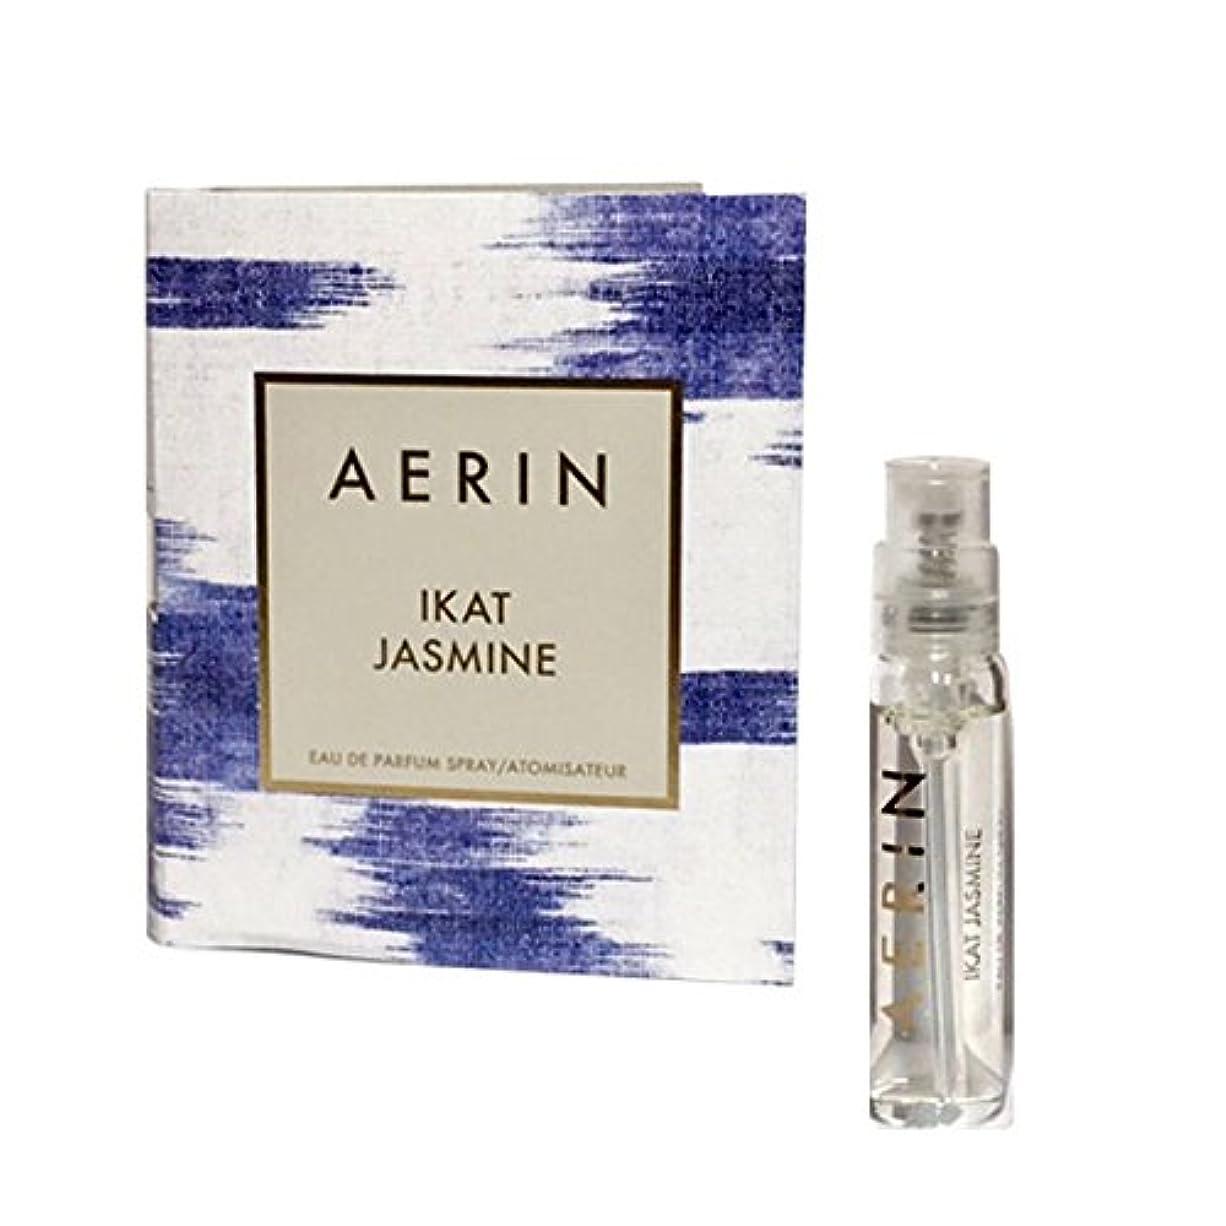 ねじれ公平な興奮AERIN Ikat Jasmine 2ml Travel Size [海外直送品] [並行輸入品]